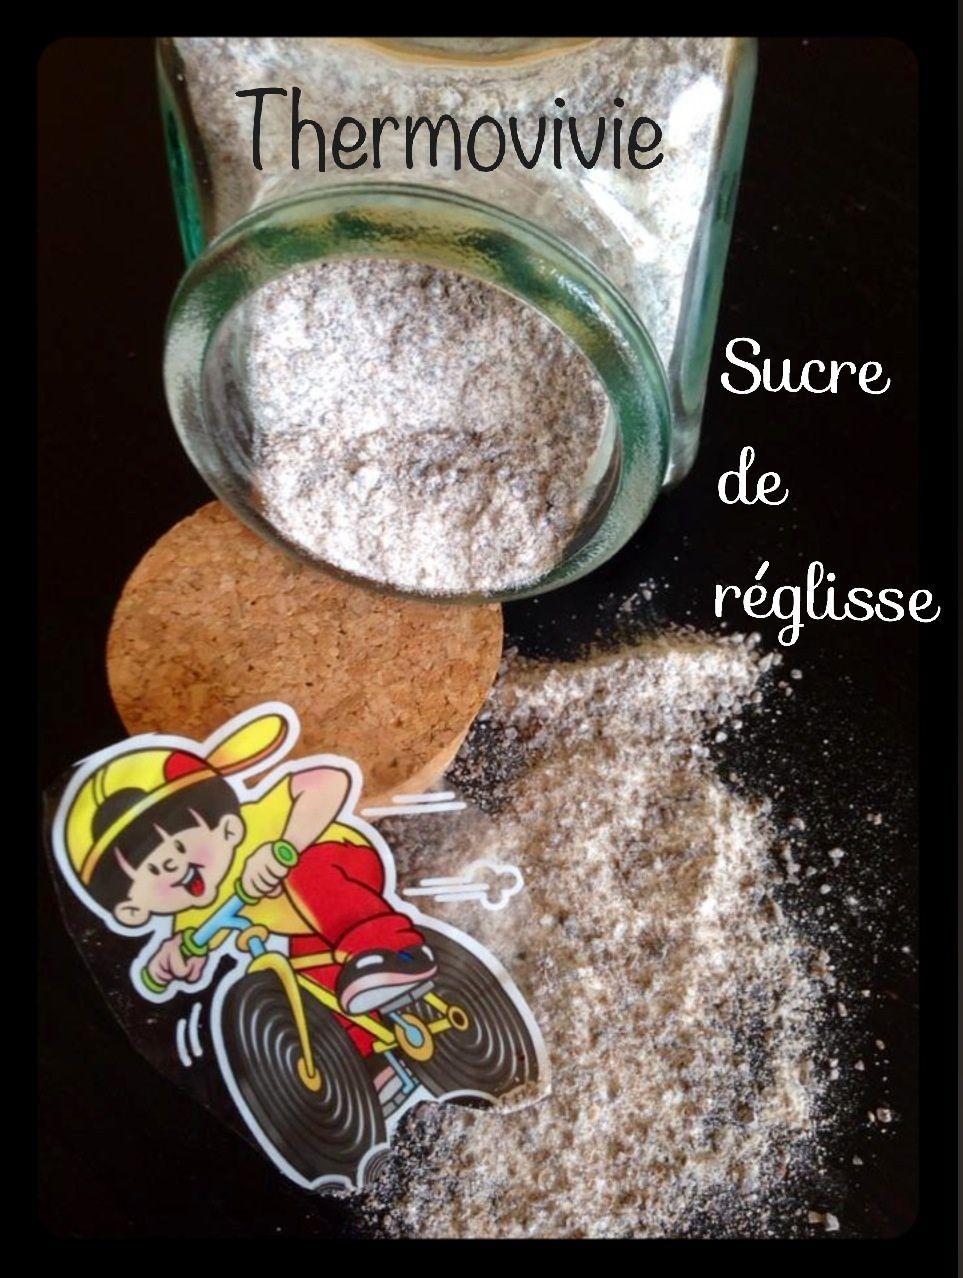 Sucre aromatisé au réglisse avec le thermomix